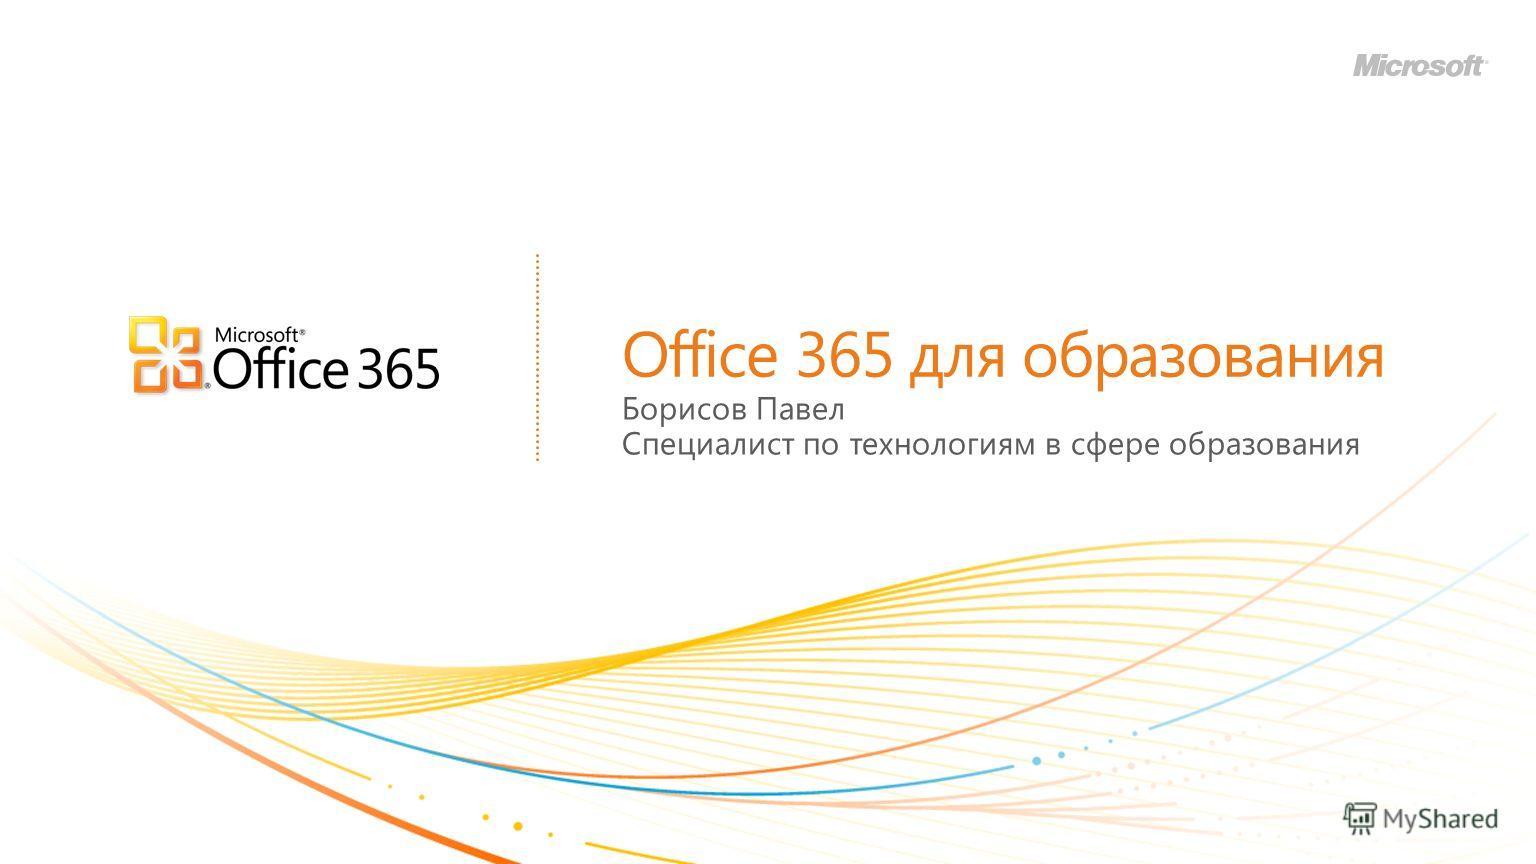 Office 365 для образования Борисов Павел Специалист по технологиям в сфере образования